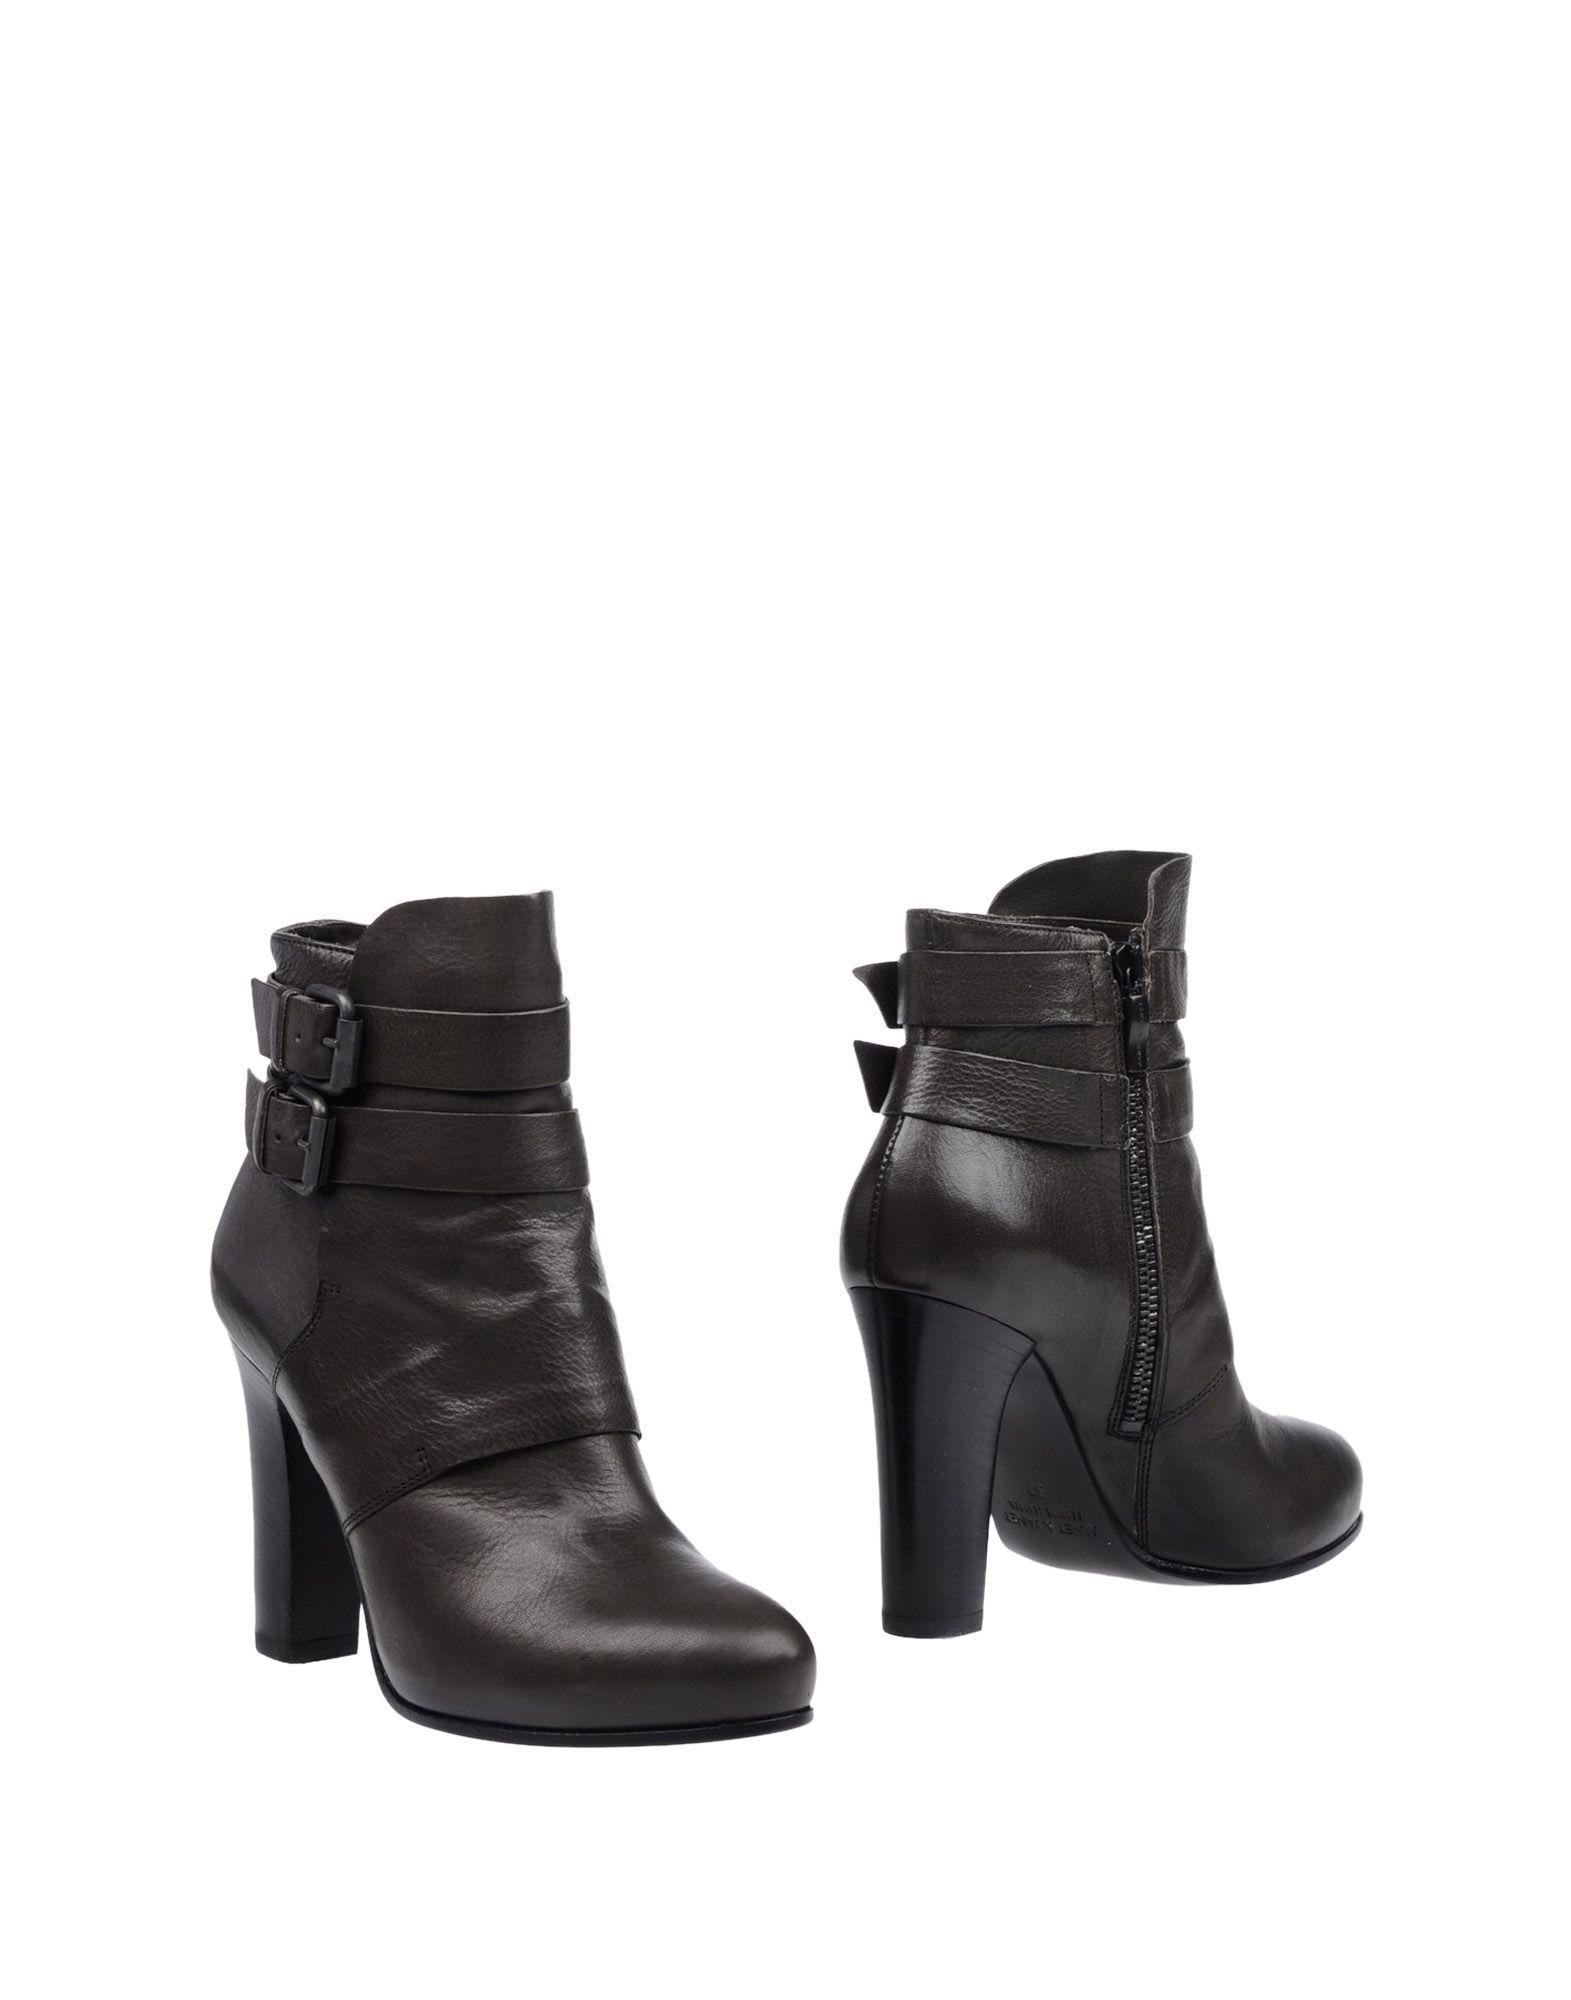 Janet & Janet Stiefelette Damen  11280882SK Gute Qualität beliebte Schuhe